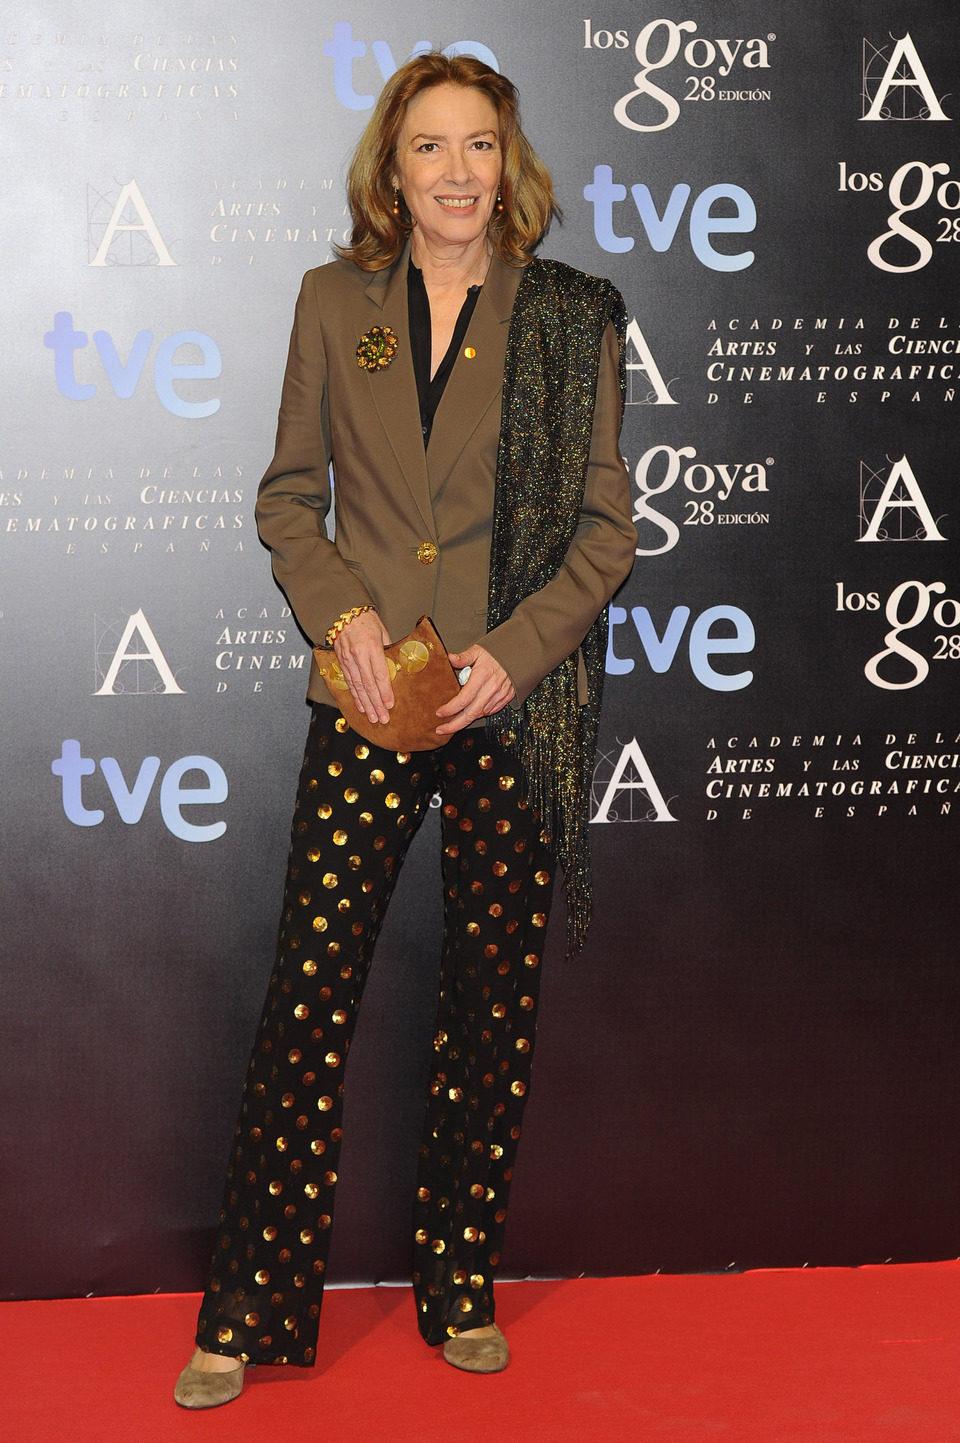 Susi Sánchez en la alfombra roja de la fiesta de los nominados a los premios Goya 2014